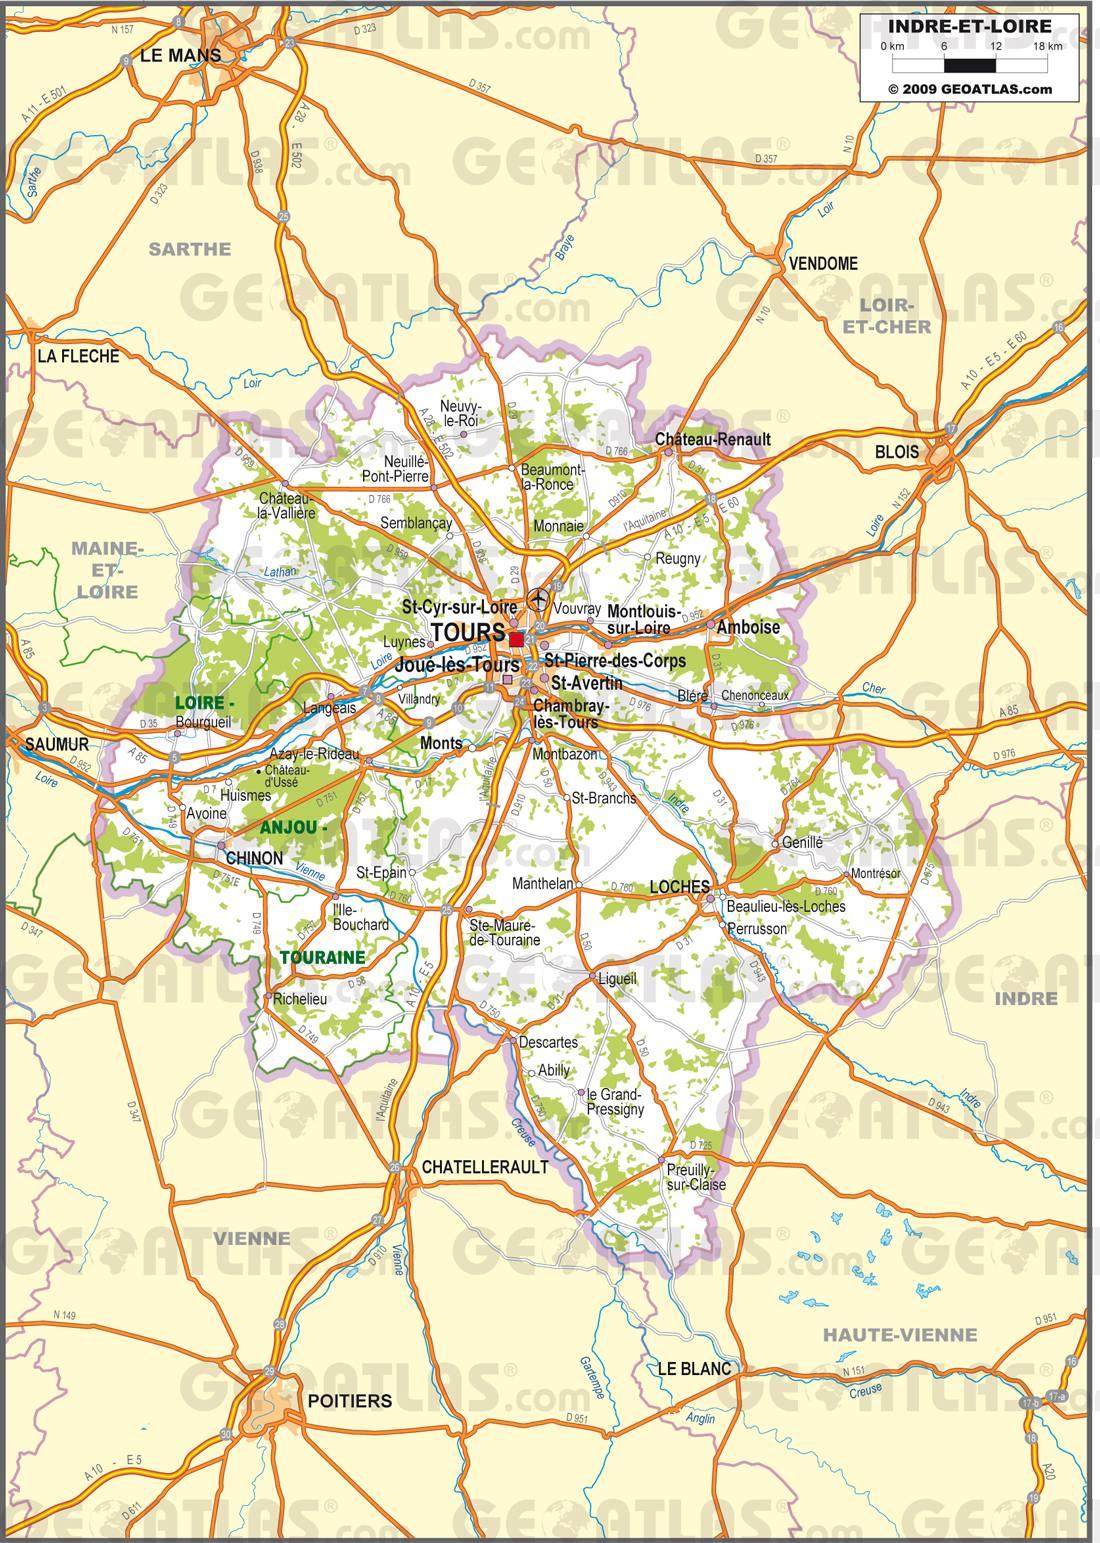 Carte de l'Indre et Loire   Indre et Loire carte du département 37